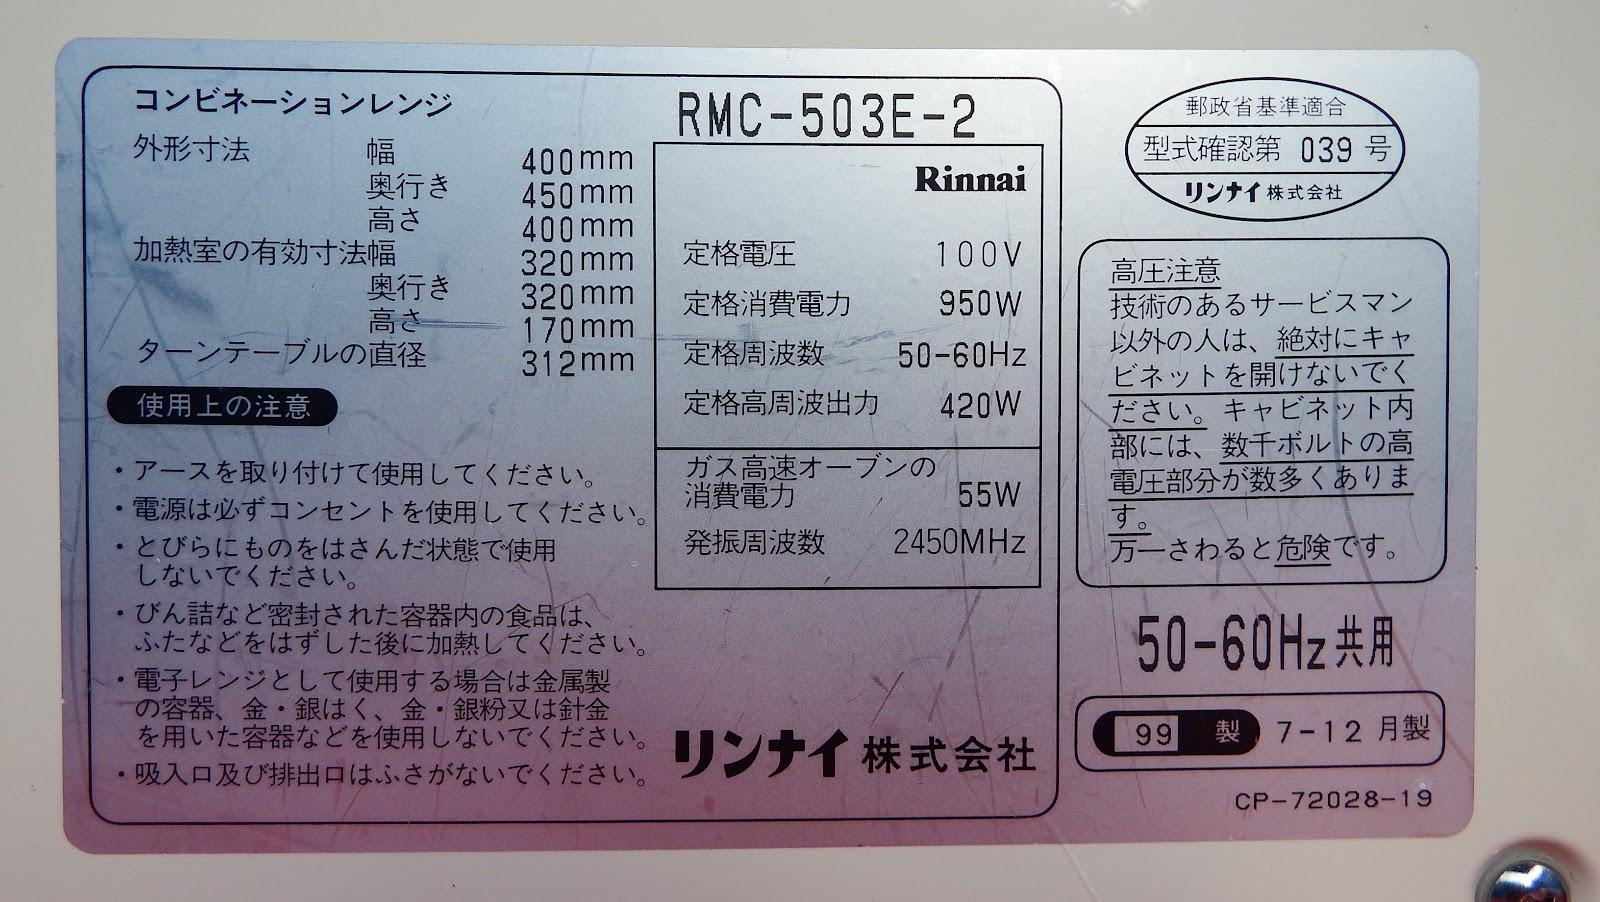 DSCF2452.JPG